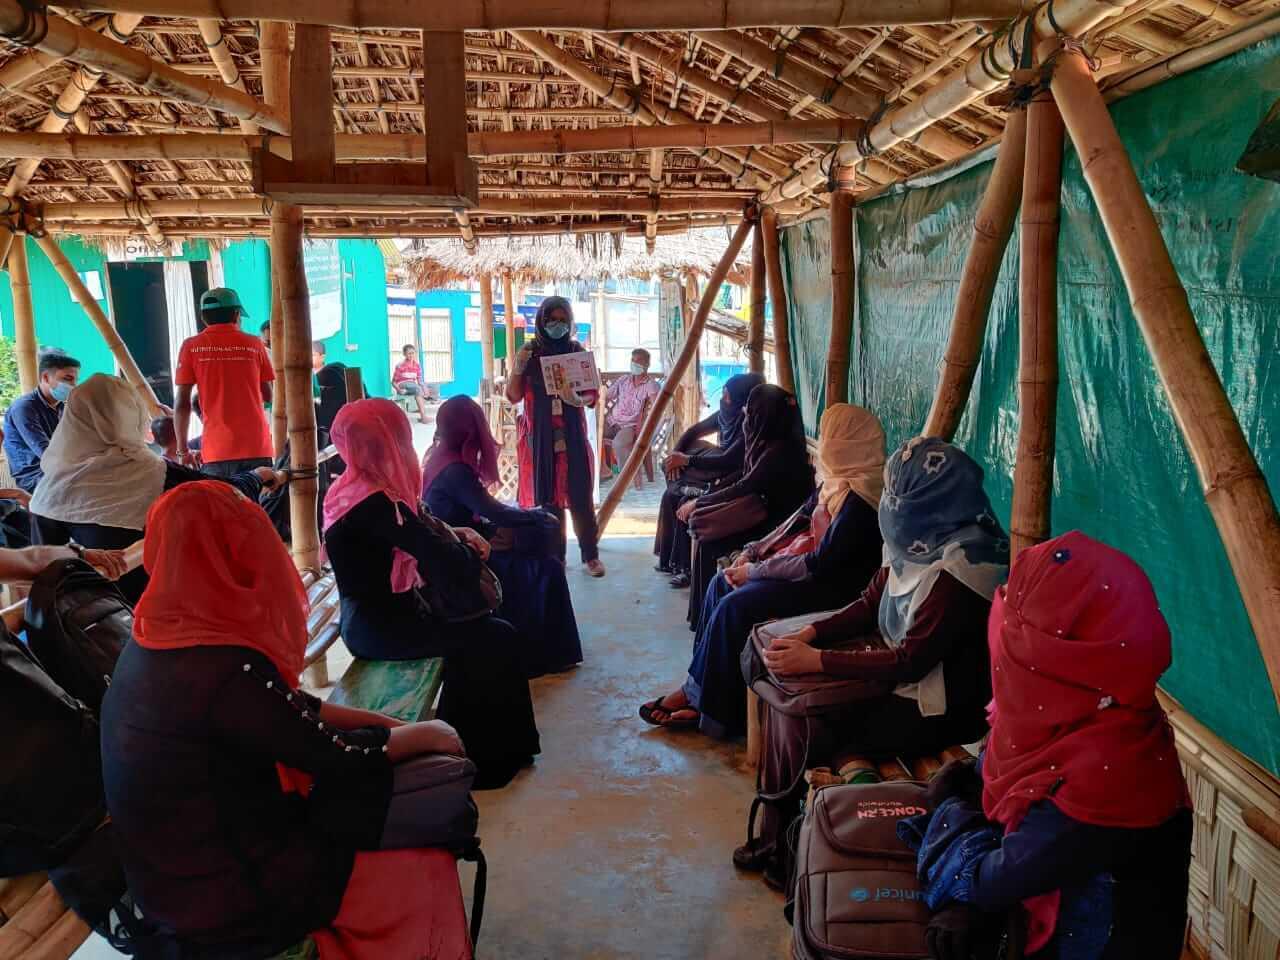 Hrdinové dnešní doby: Humanitární pracovníci CARE čelí koronaviru v největším uprchlickém táboře na světě